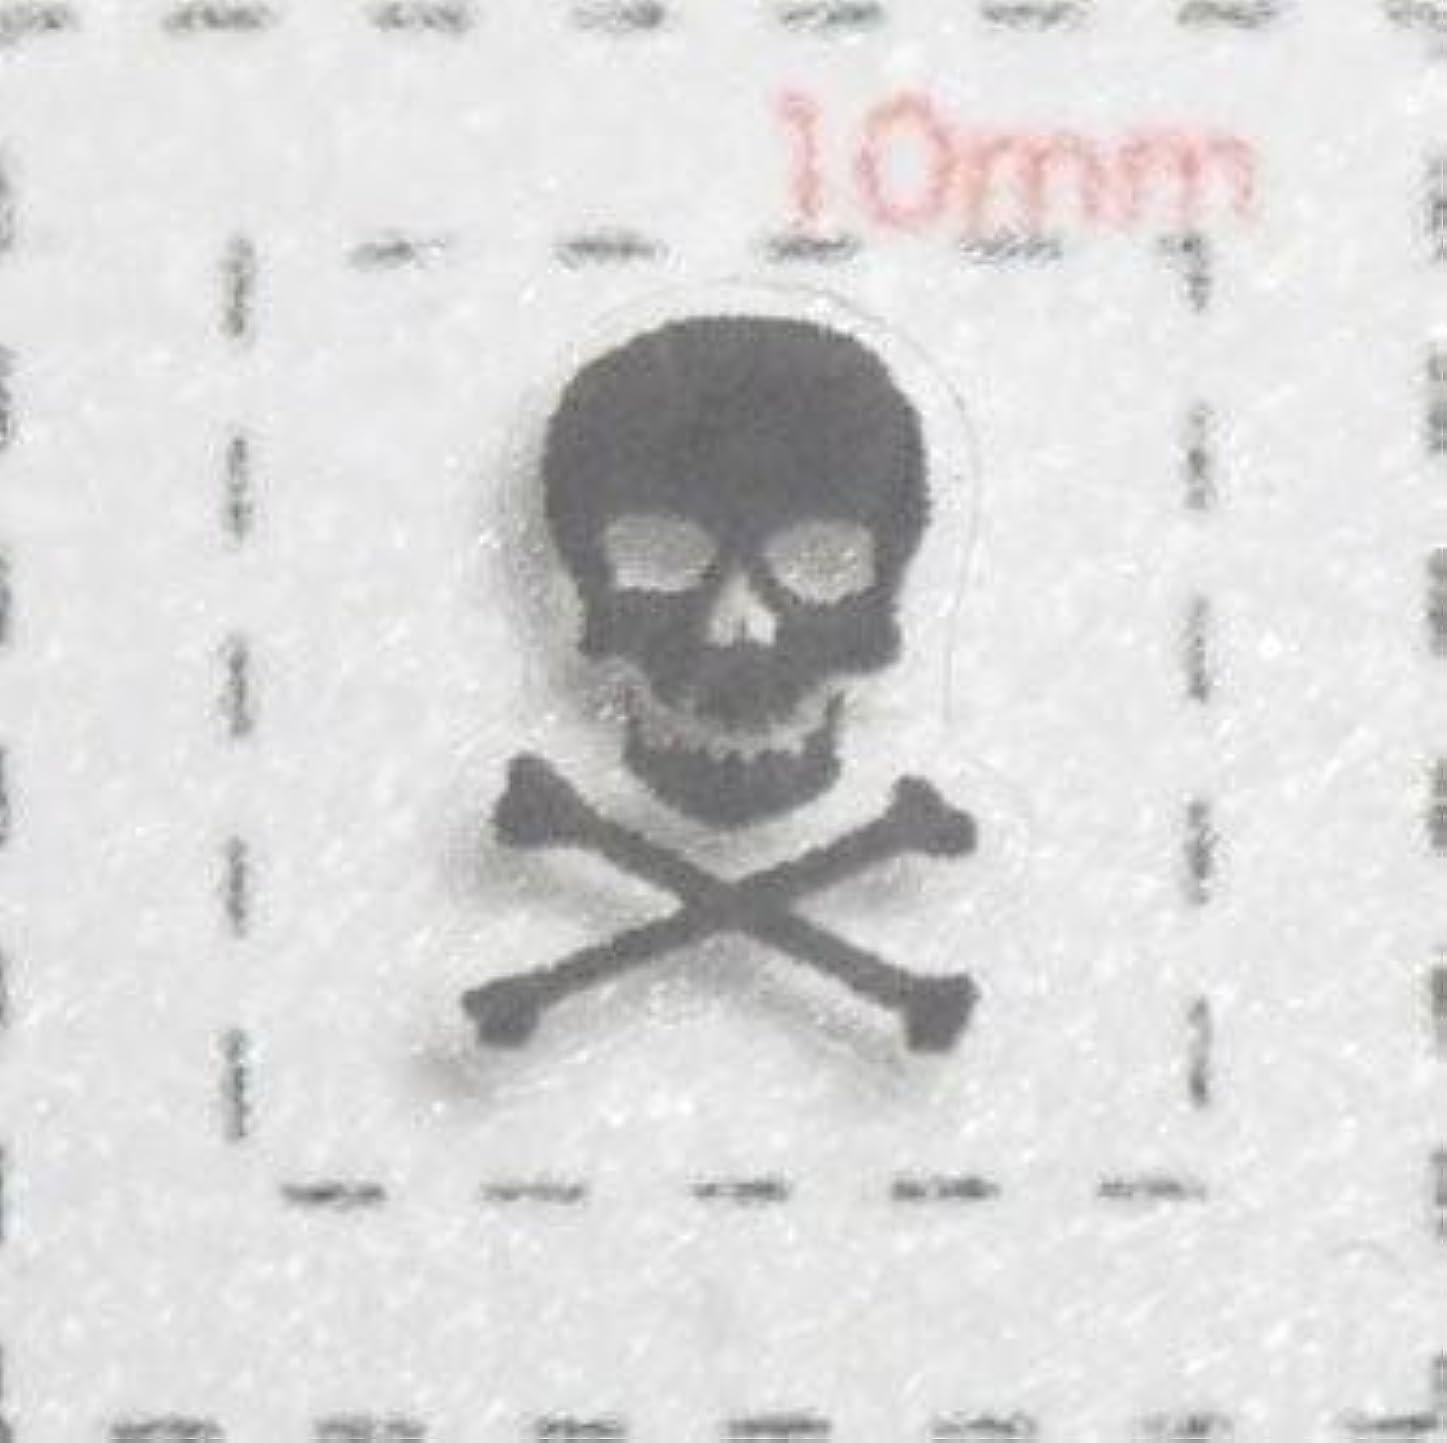 バー早熟入るスカル【タトゥーロックネイルシール】(10)1シート9枚入